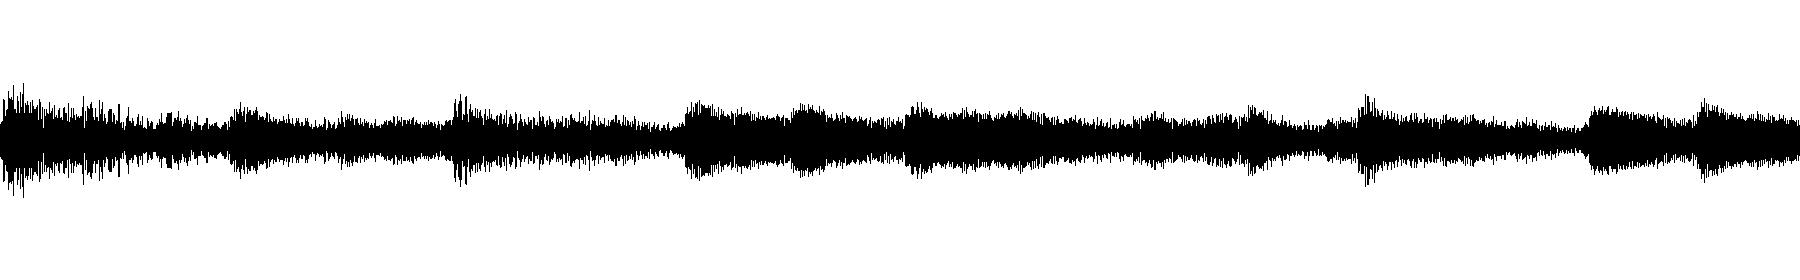 9 audio 1 2019 11 17 175244